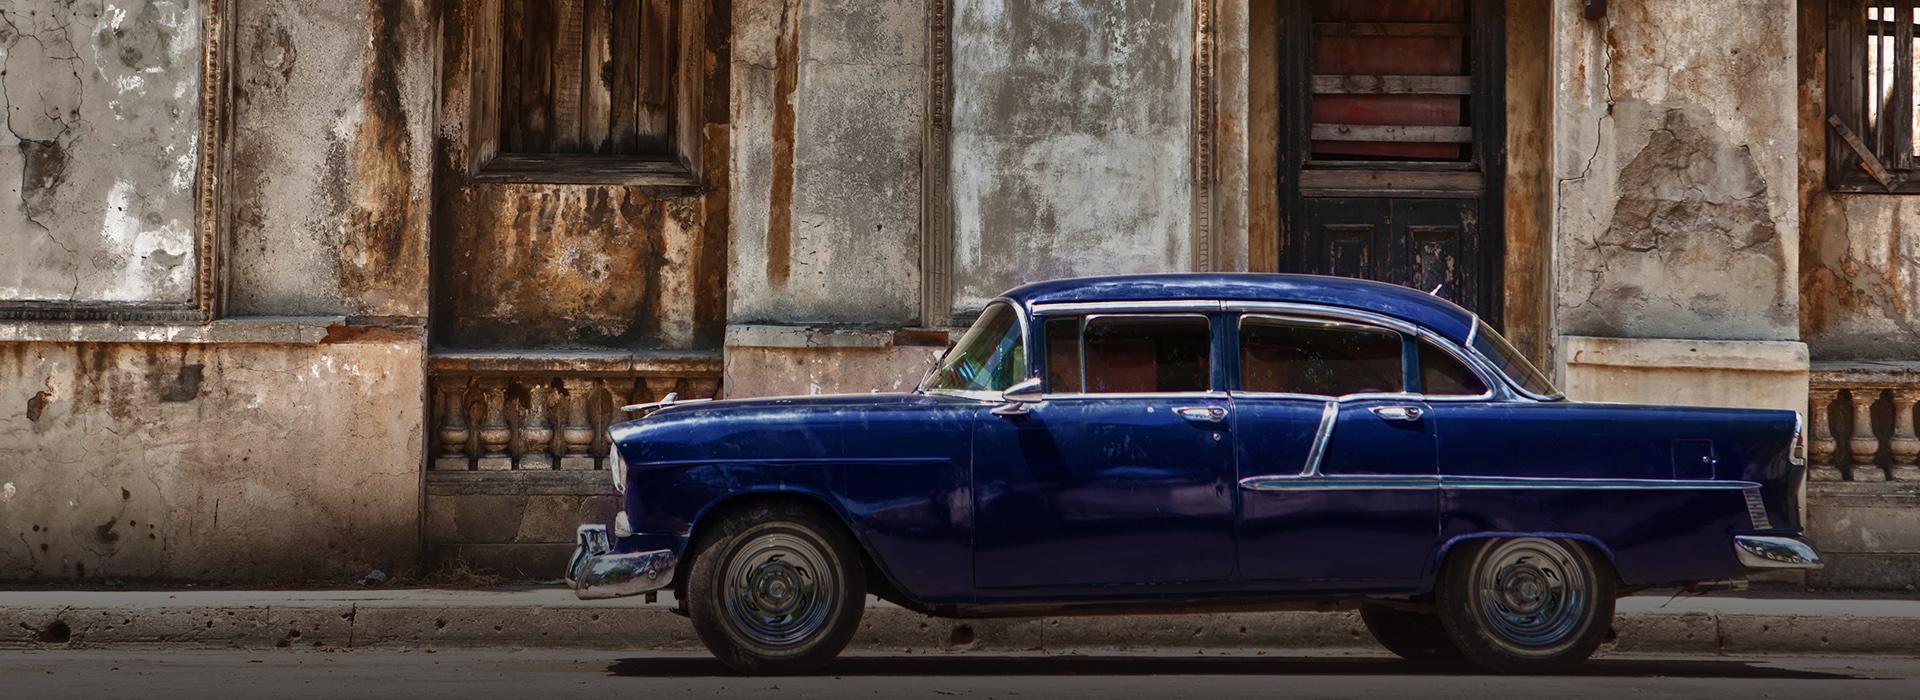 Flygtid Kuba